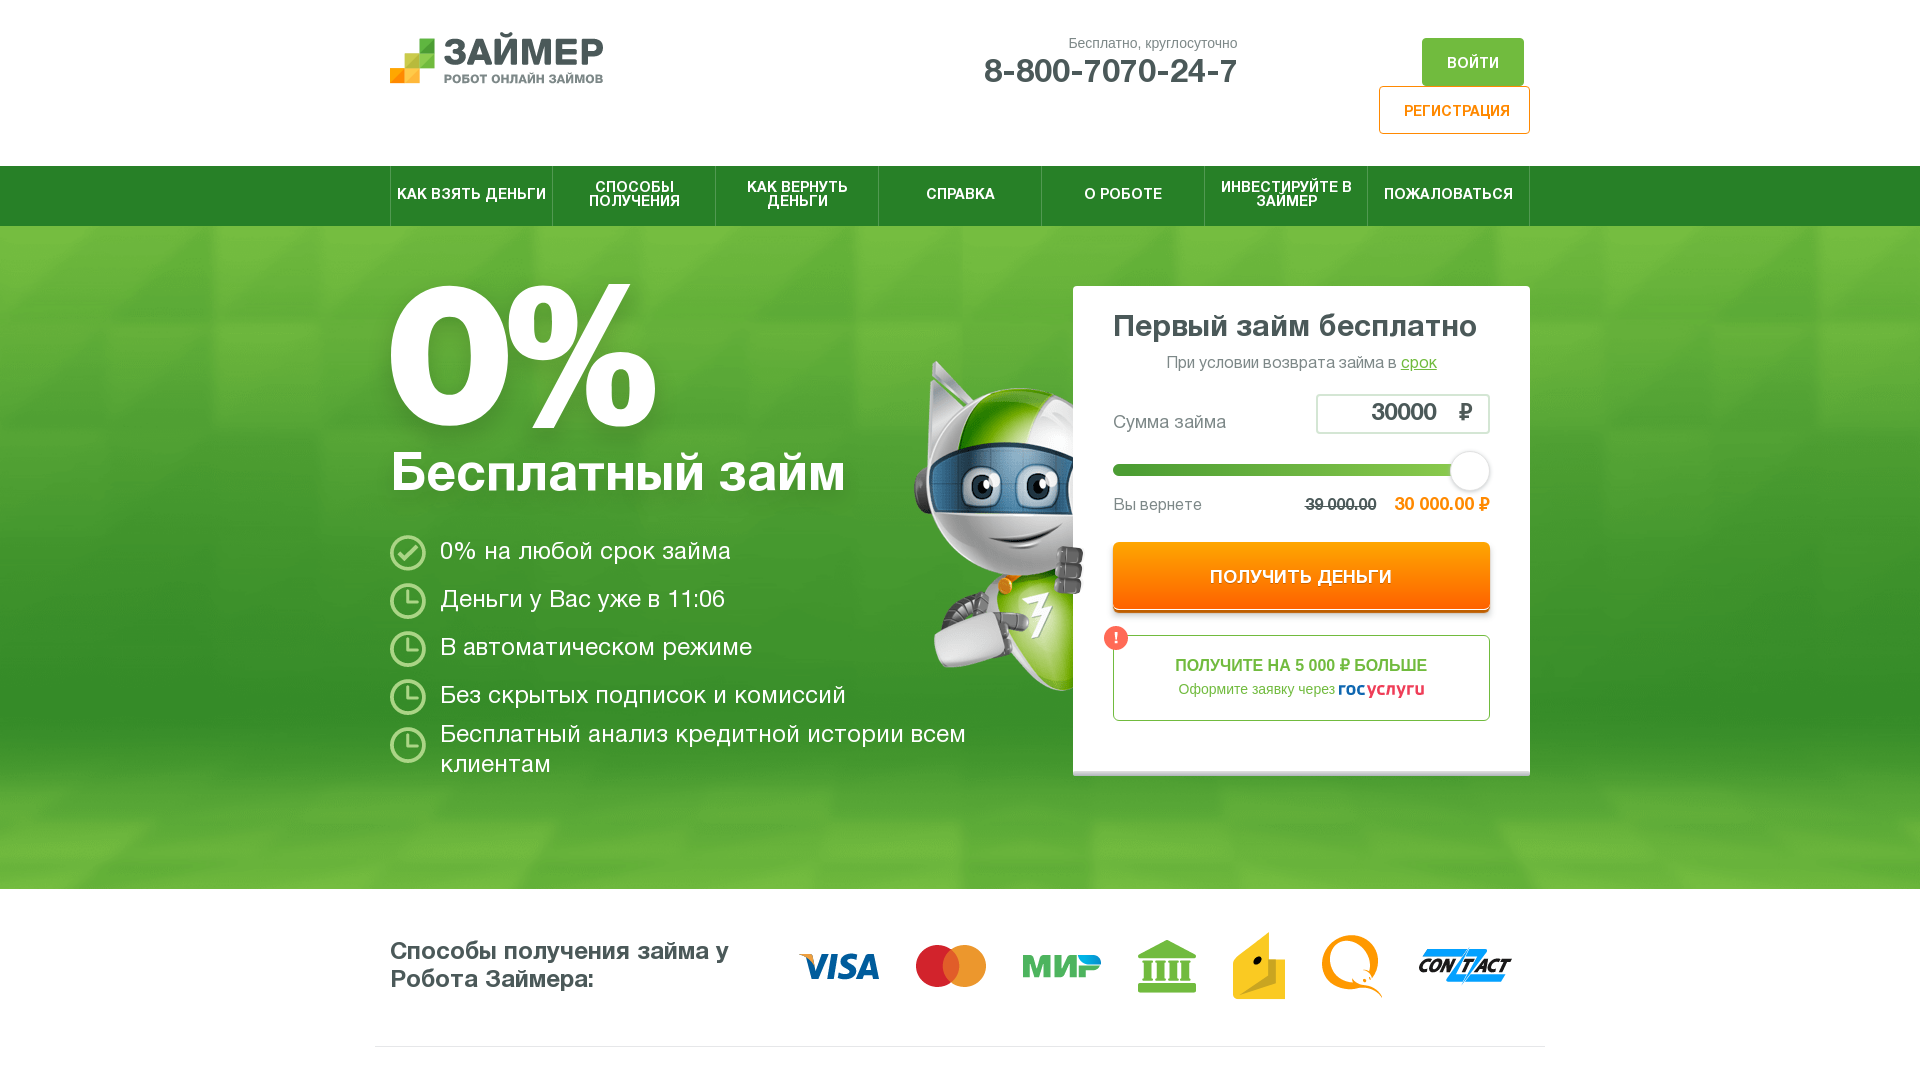 Займер [CPS] RU website